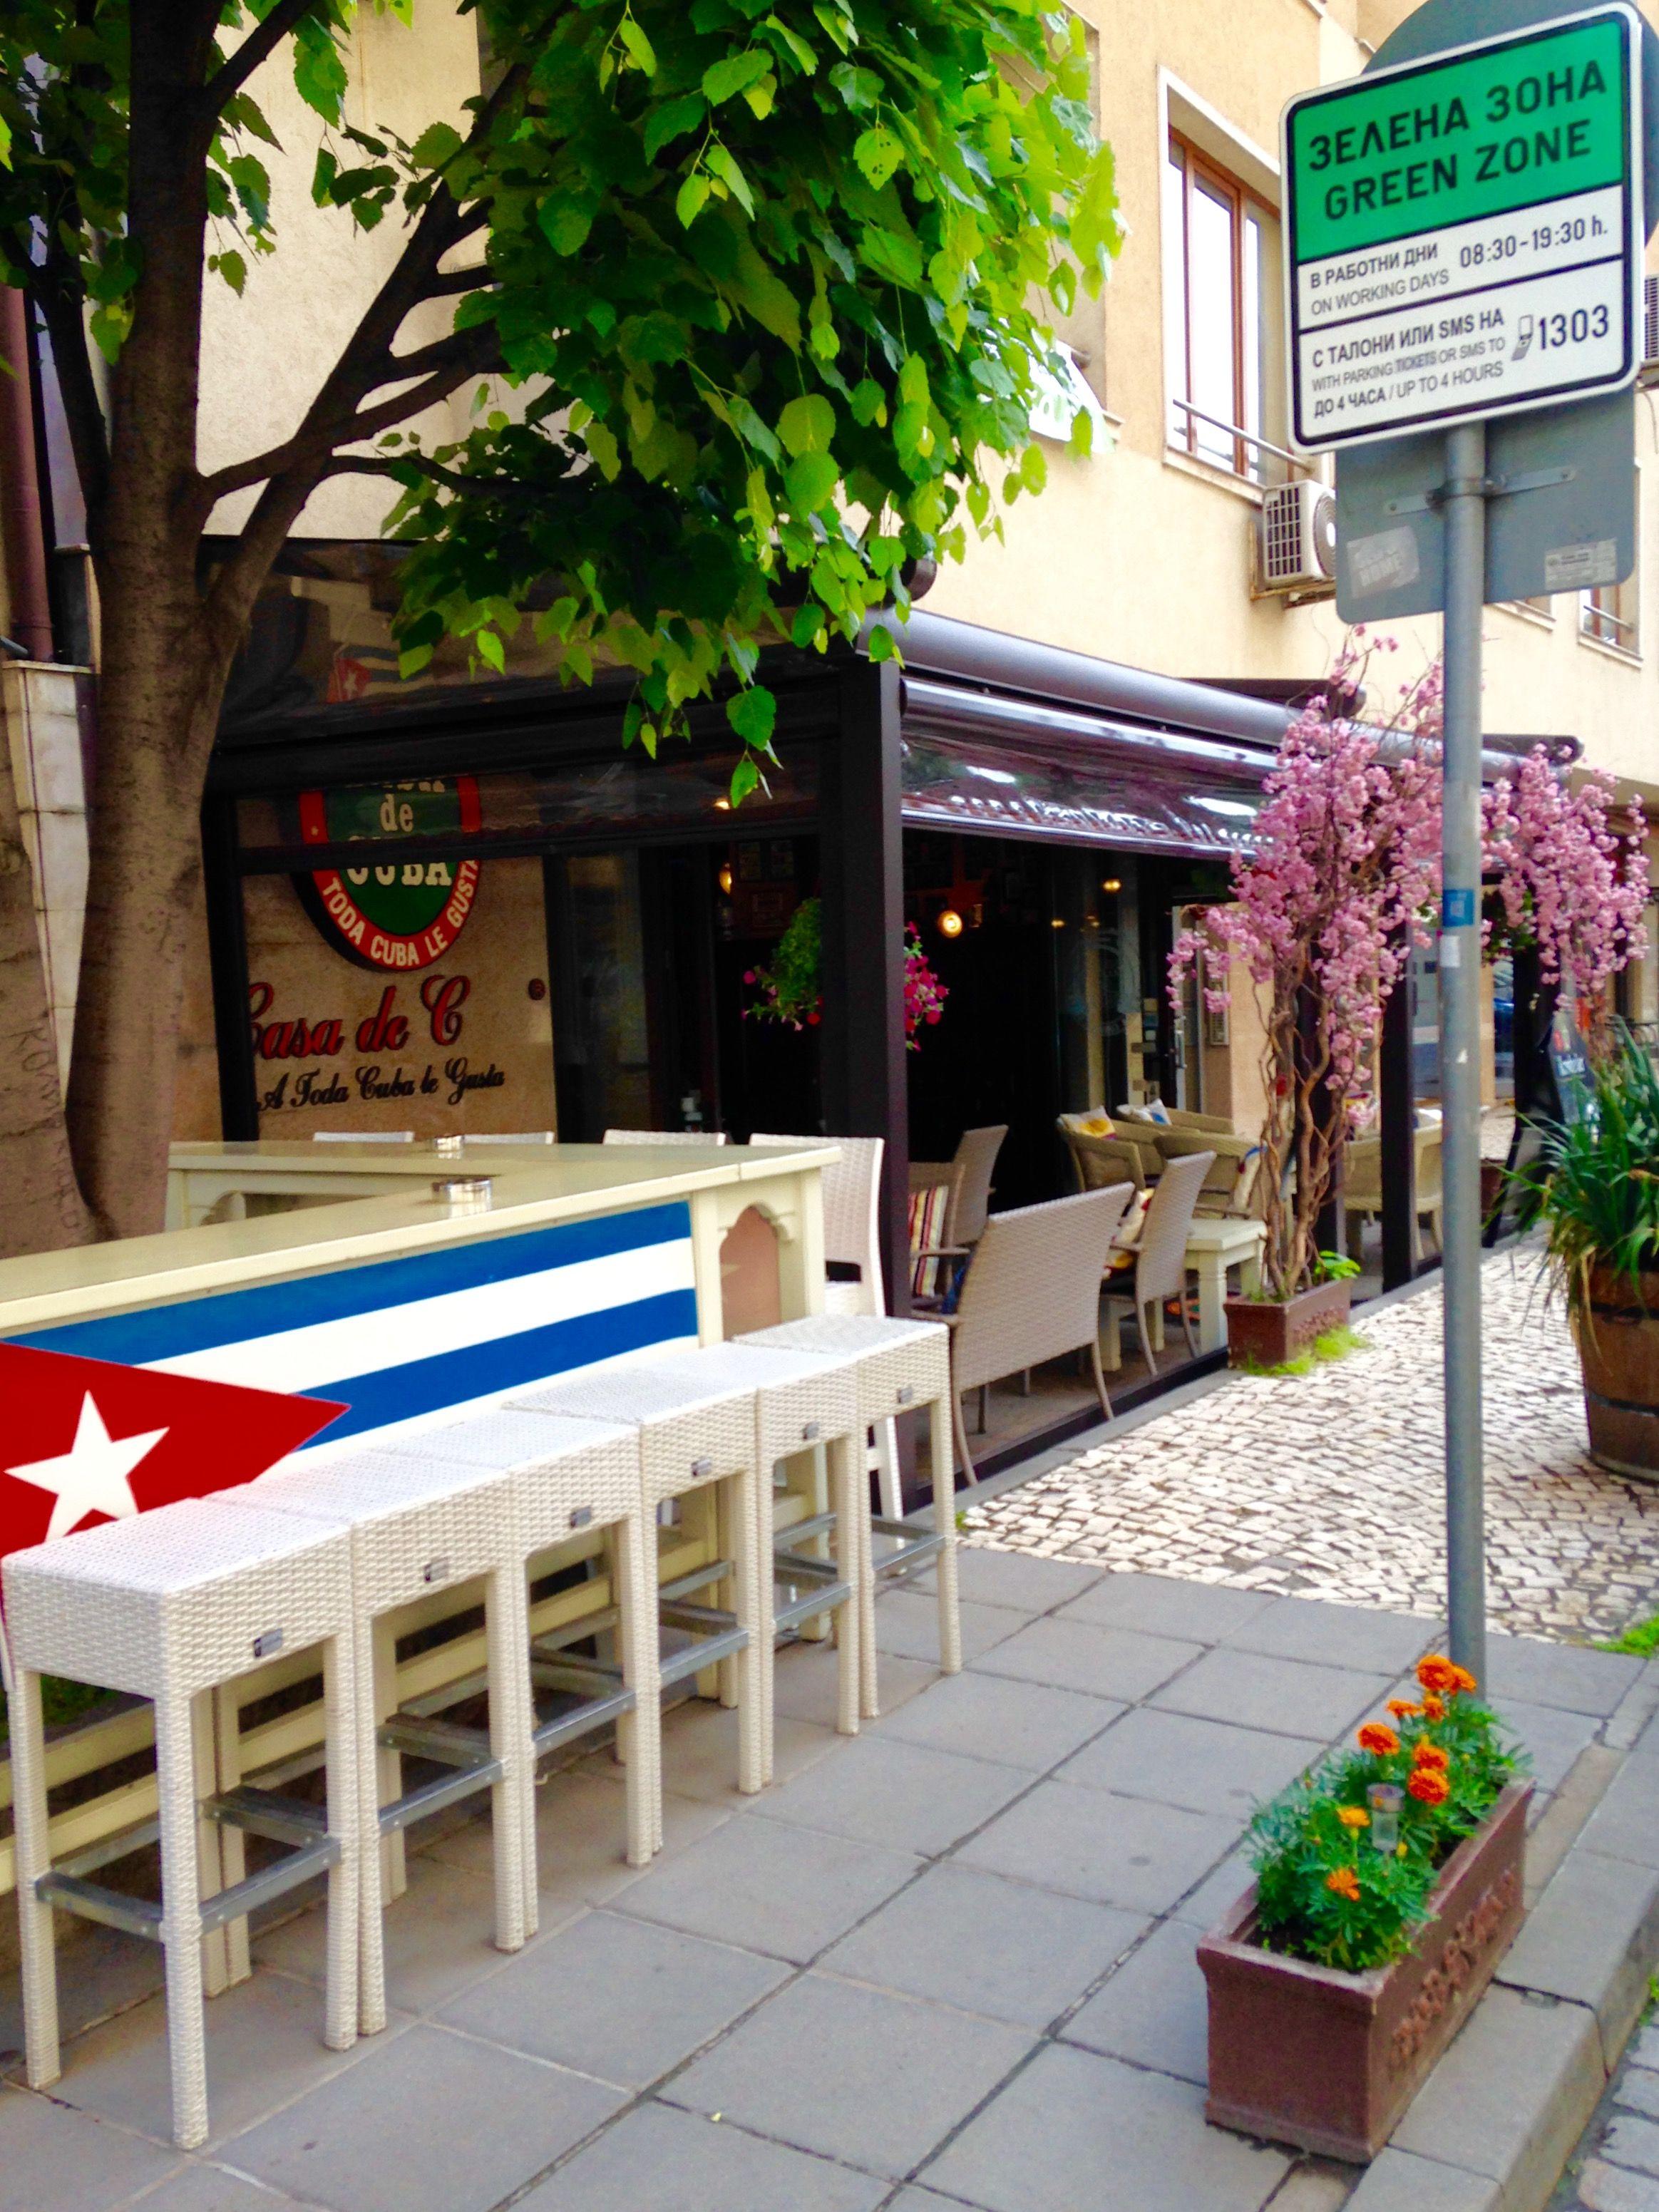 Casa De Cuba, площад Хелзинки, ул. Цветна градина 1